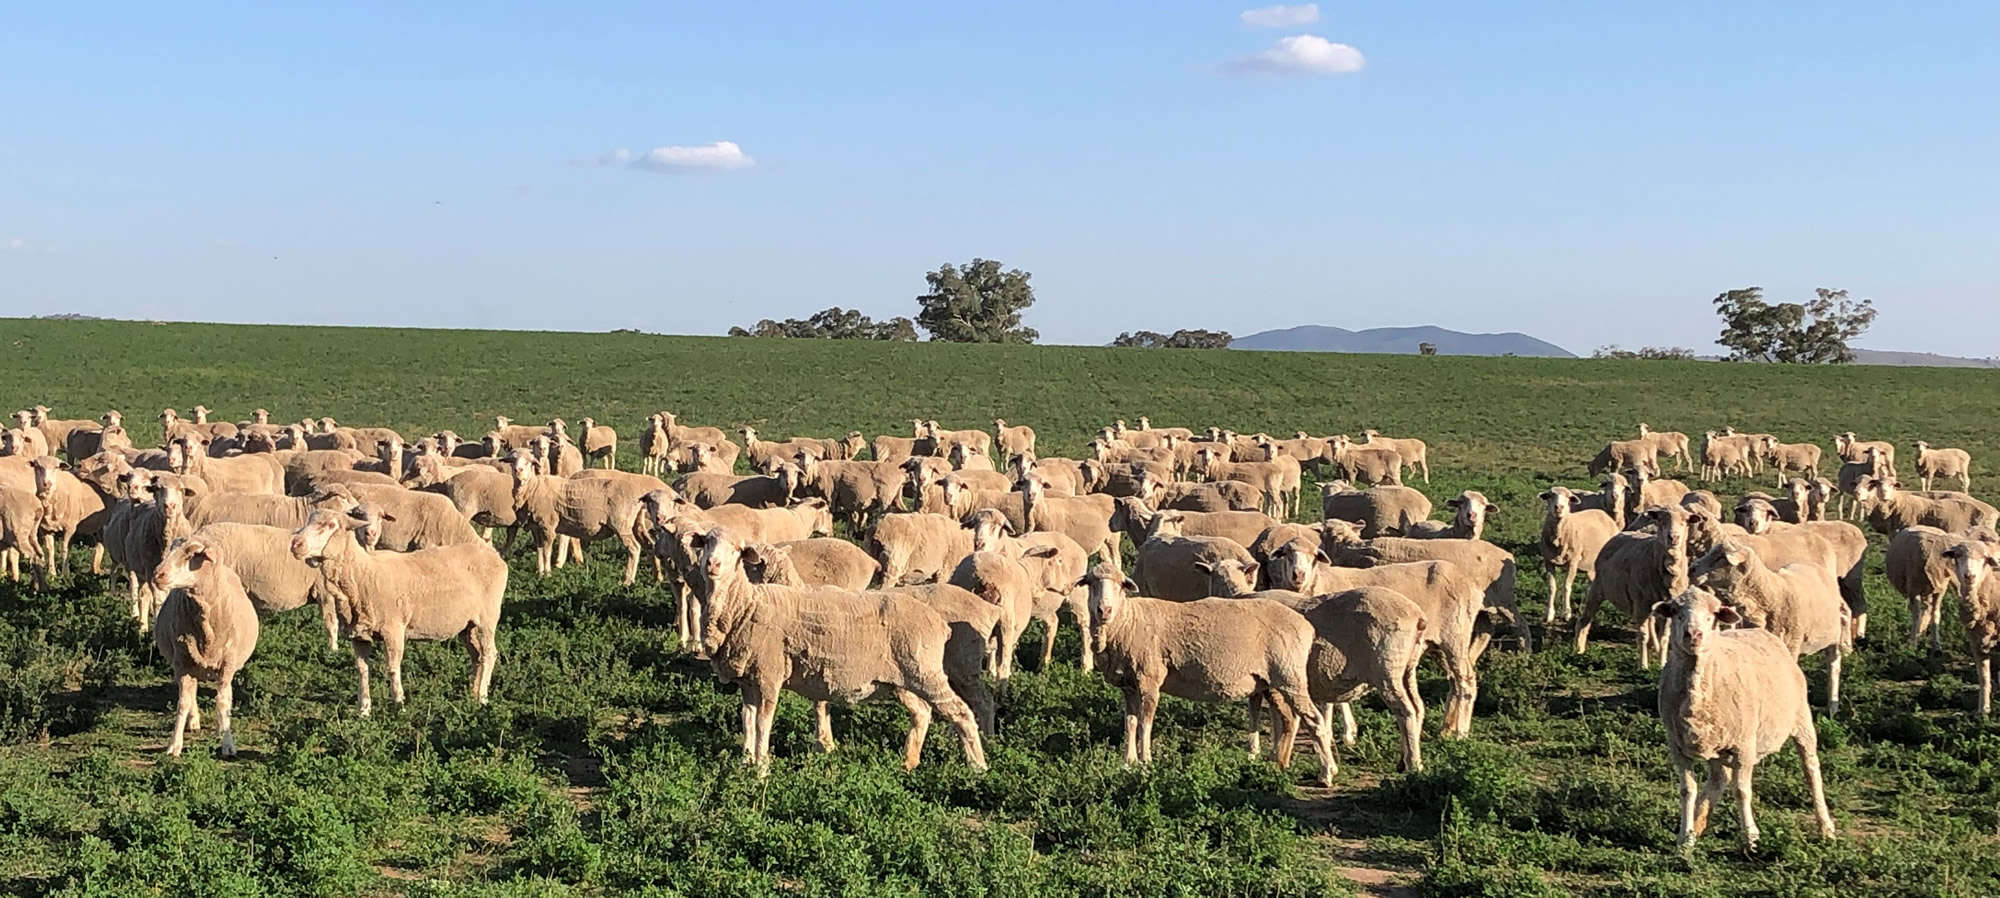 sheep-grazing.jpg